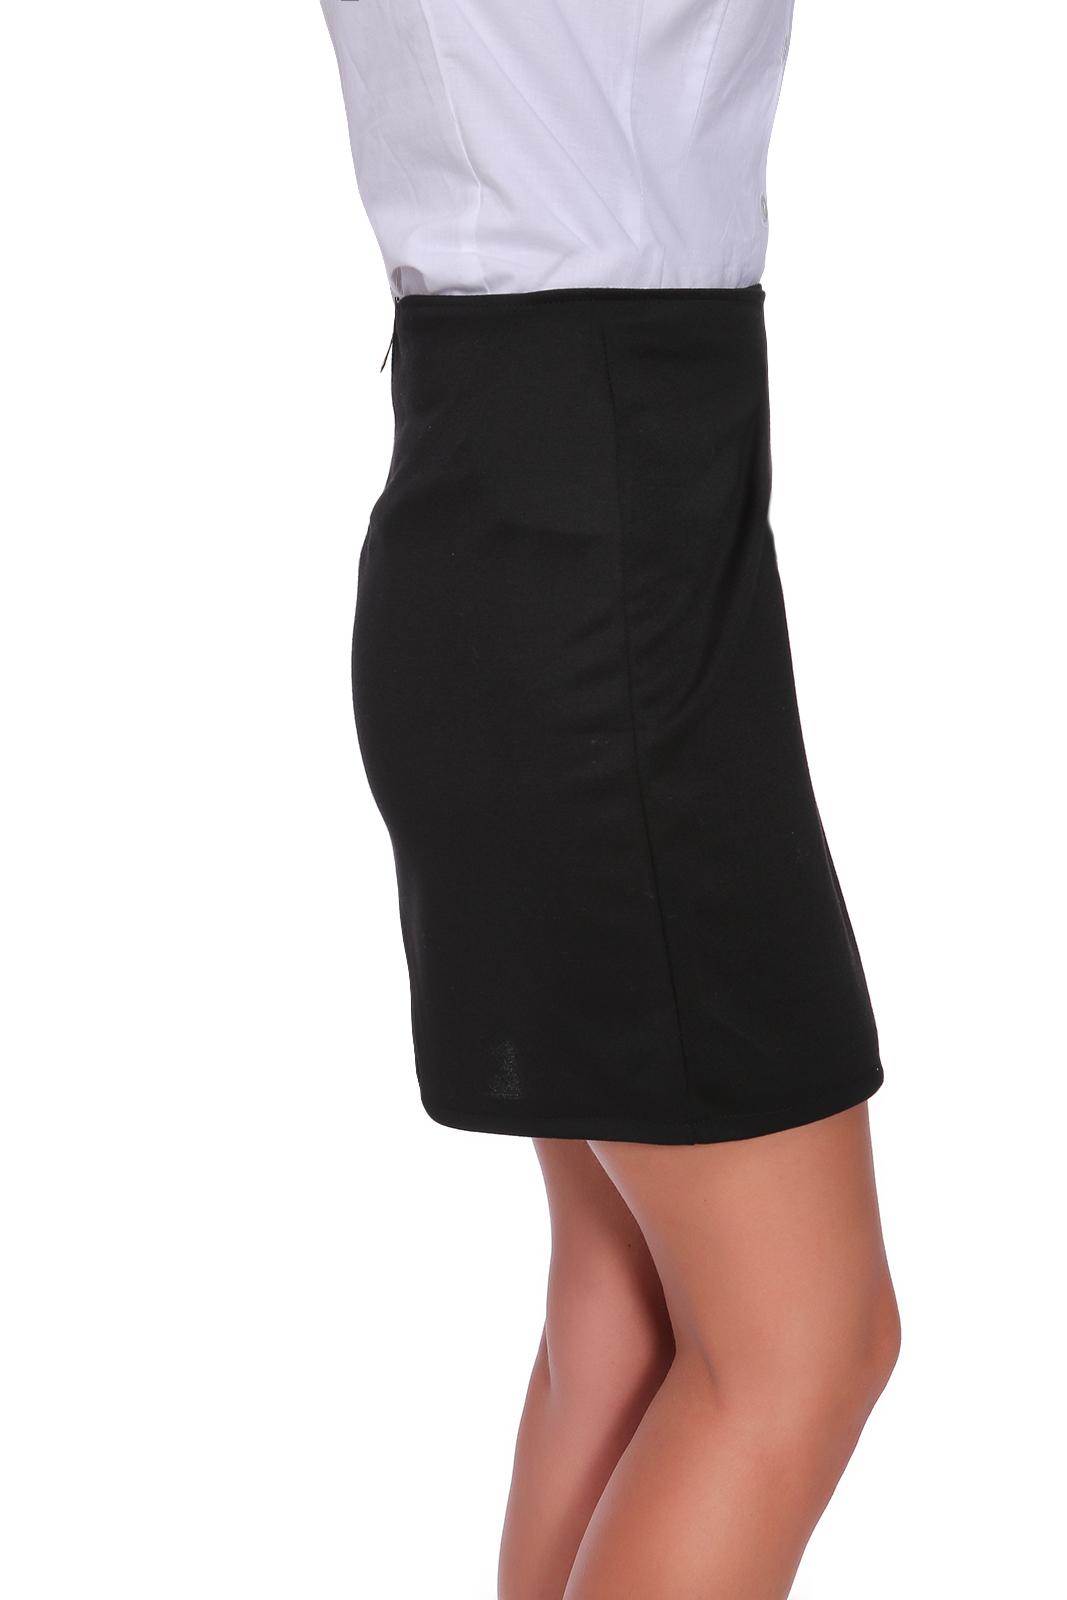 womens bodycoton strech waist pencil work office business